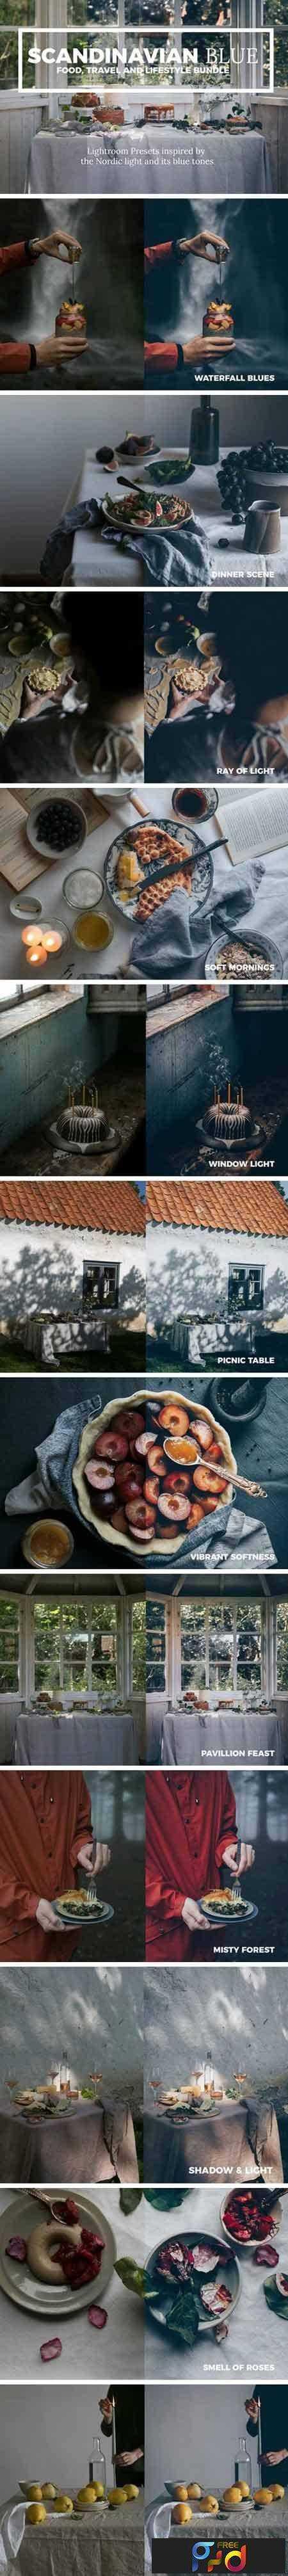 1803252 Scandinavian Blue Lightroom Presets 2297047 1